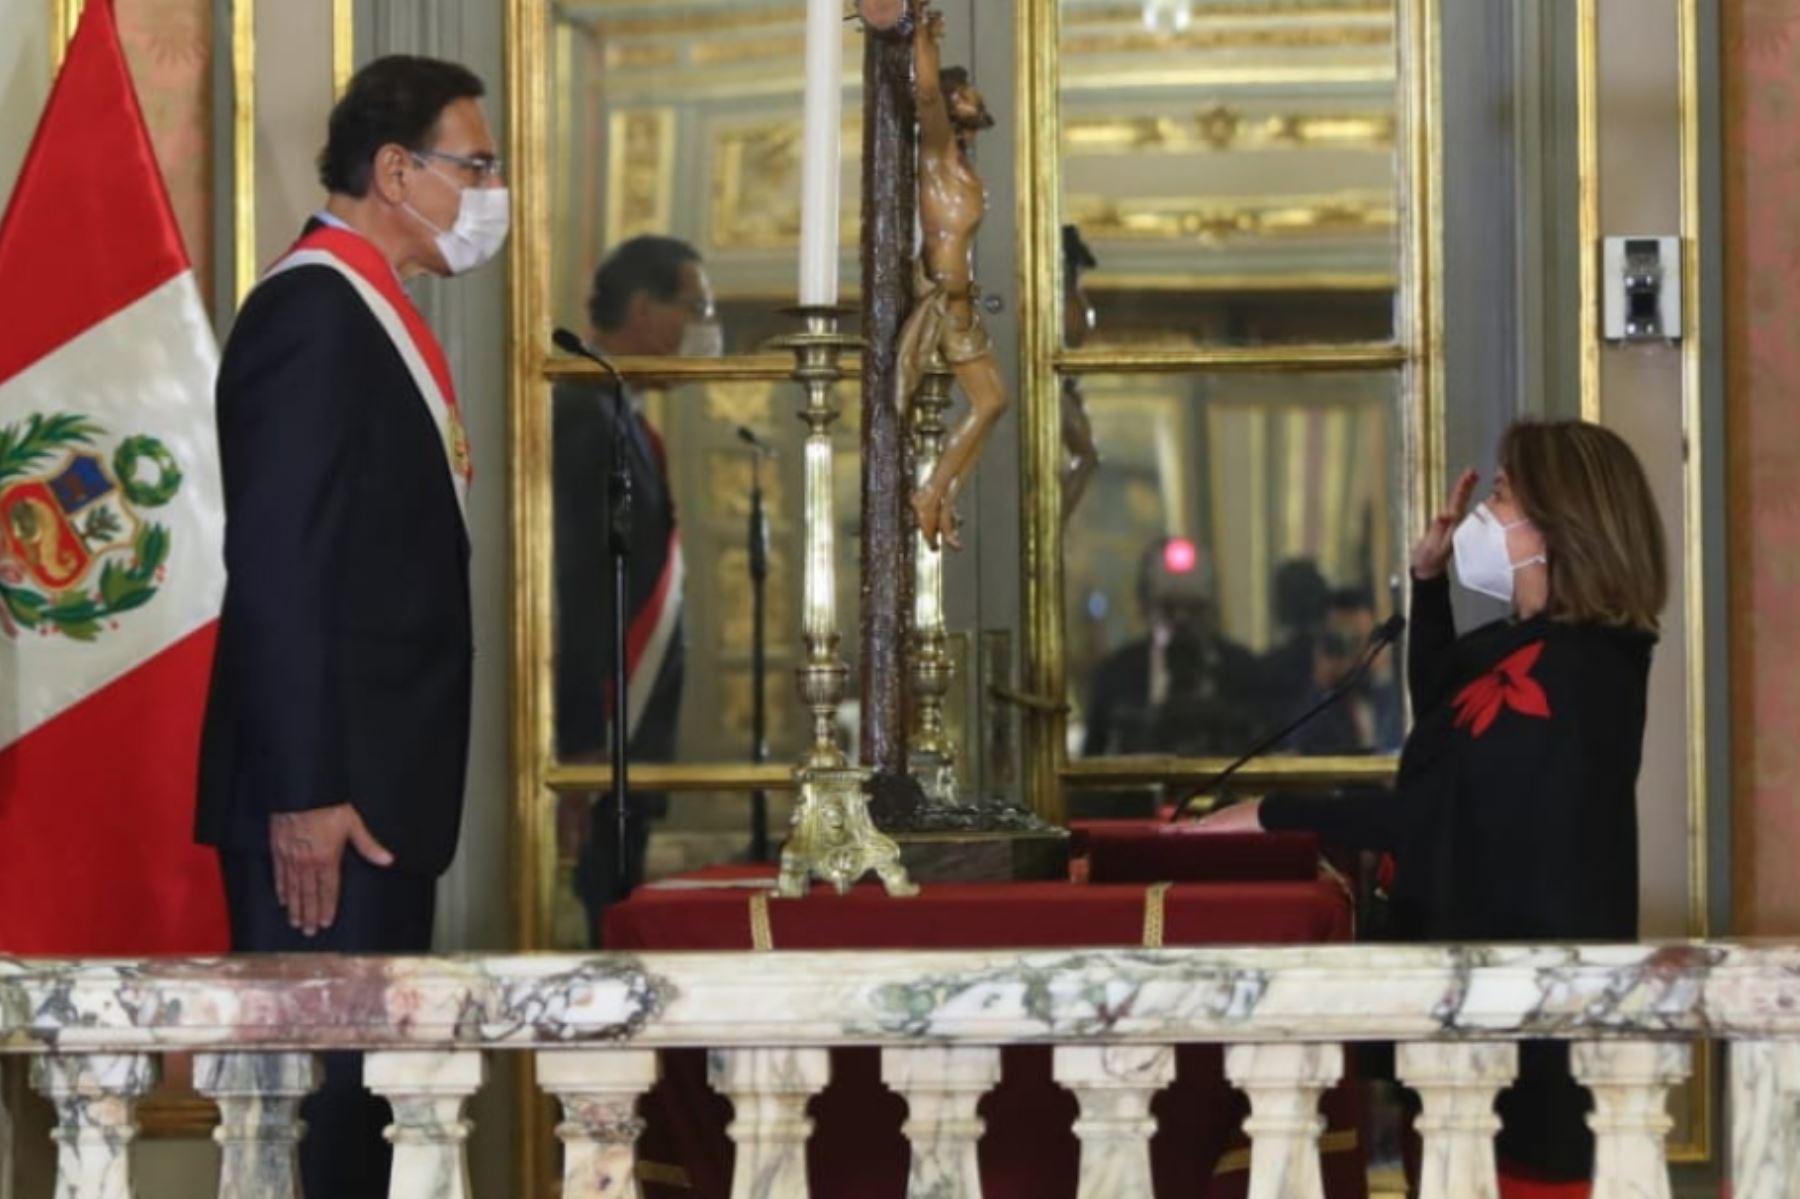 El presidente de la República, Martín Vizcarra, toma juramento a Rocío Barrios como ministra de Comercio Exterior y Turismo.  Foto: ANDINA/ Prensa Presidencia